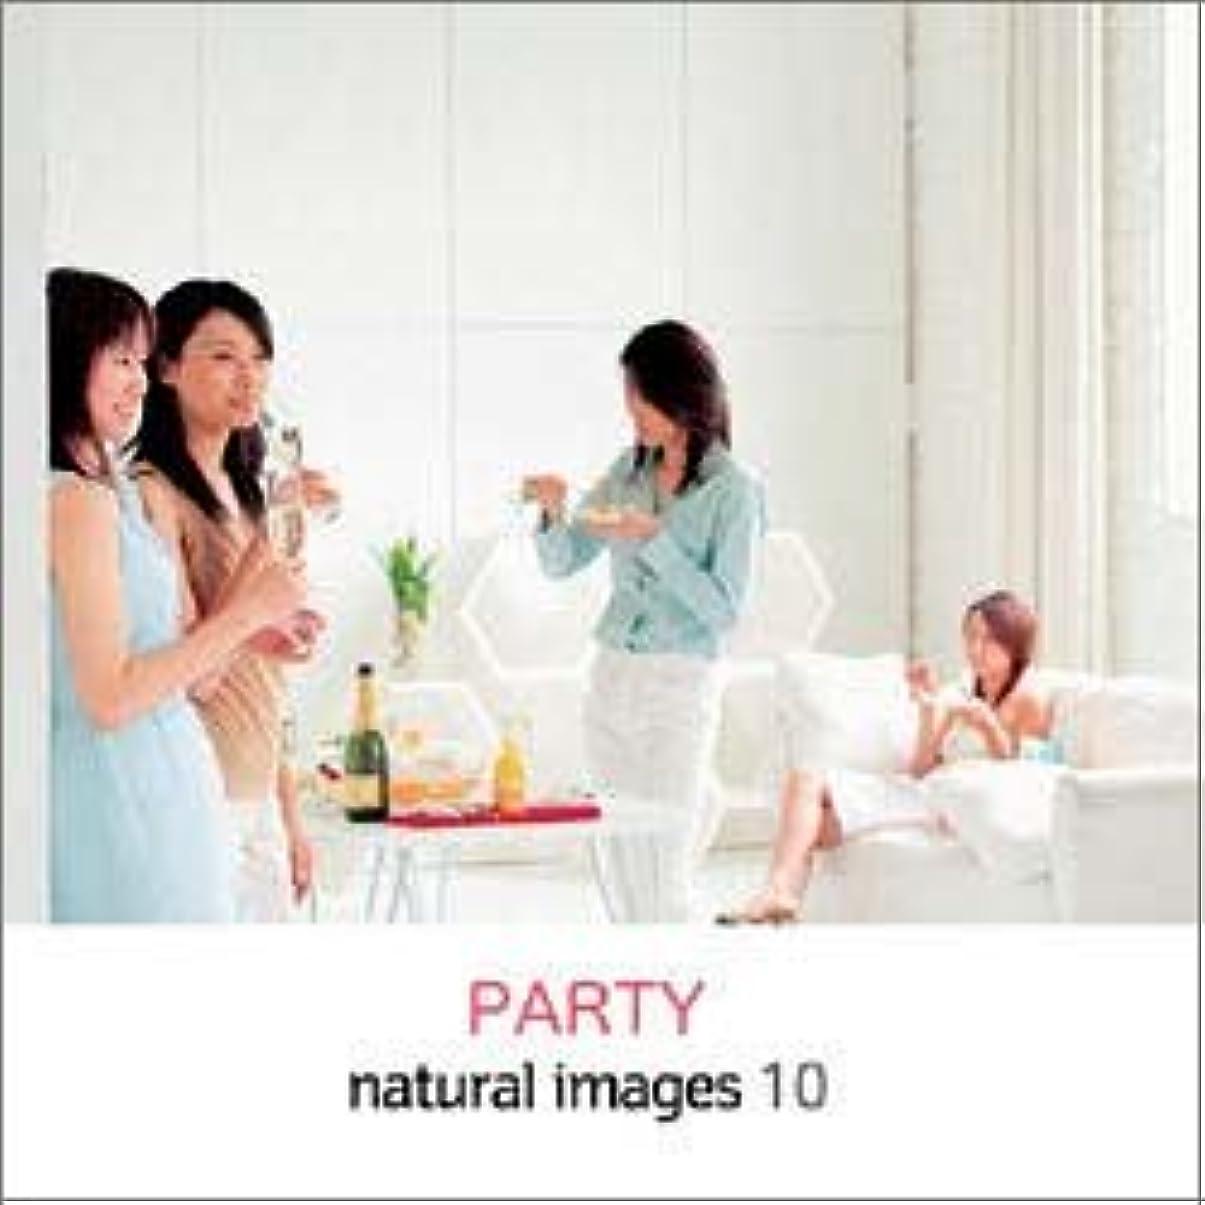 綺麗な気体の気付くnatural images Vol.10 PARTY